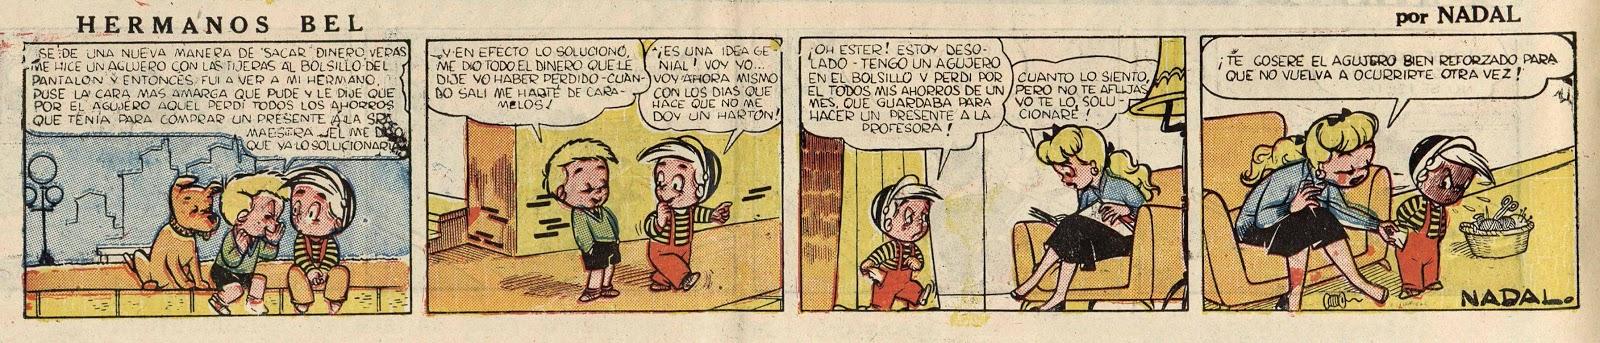 Hermanos Bel serie de Nadal para A Todo Color Supkemento Infantil del Diario la Prensa